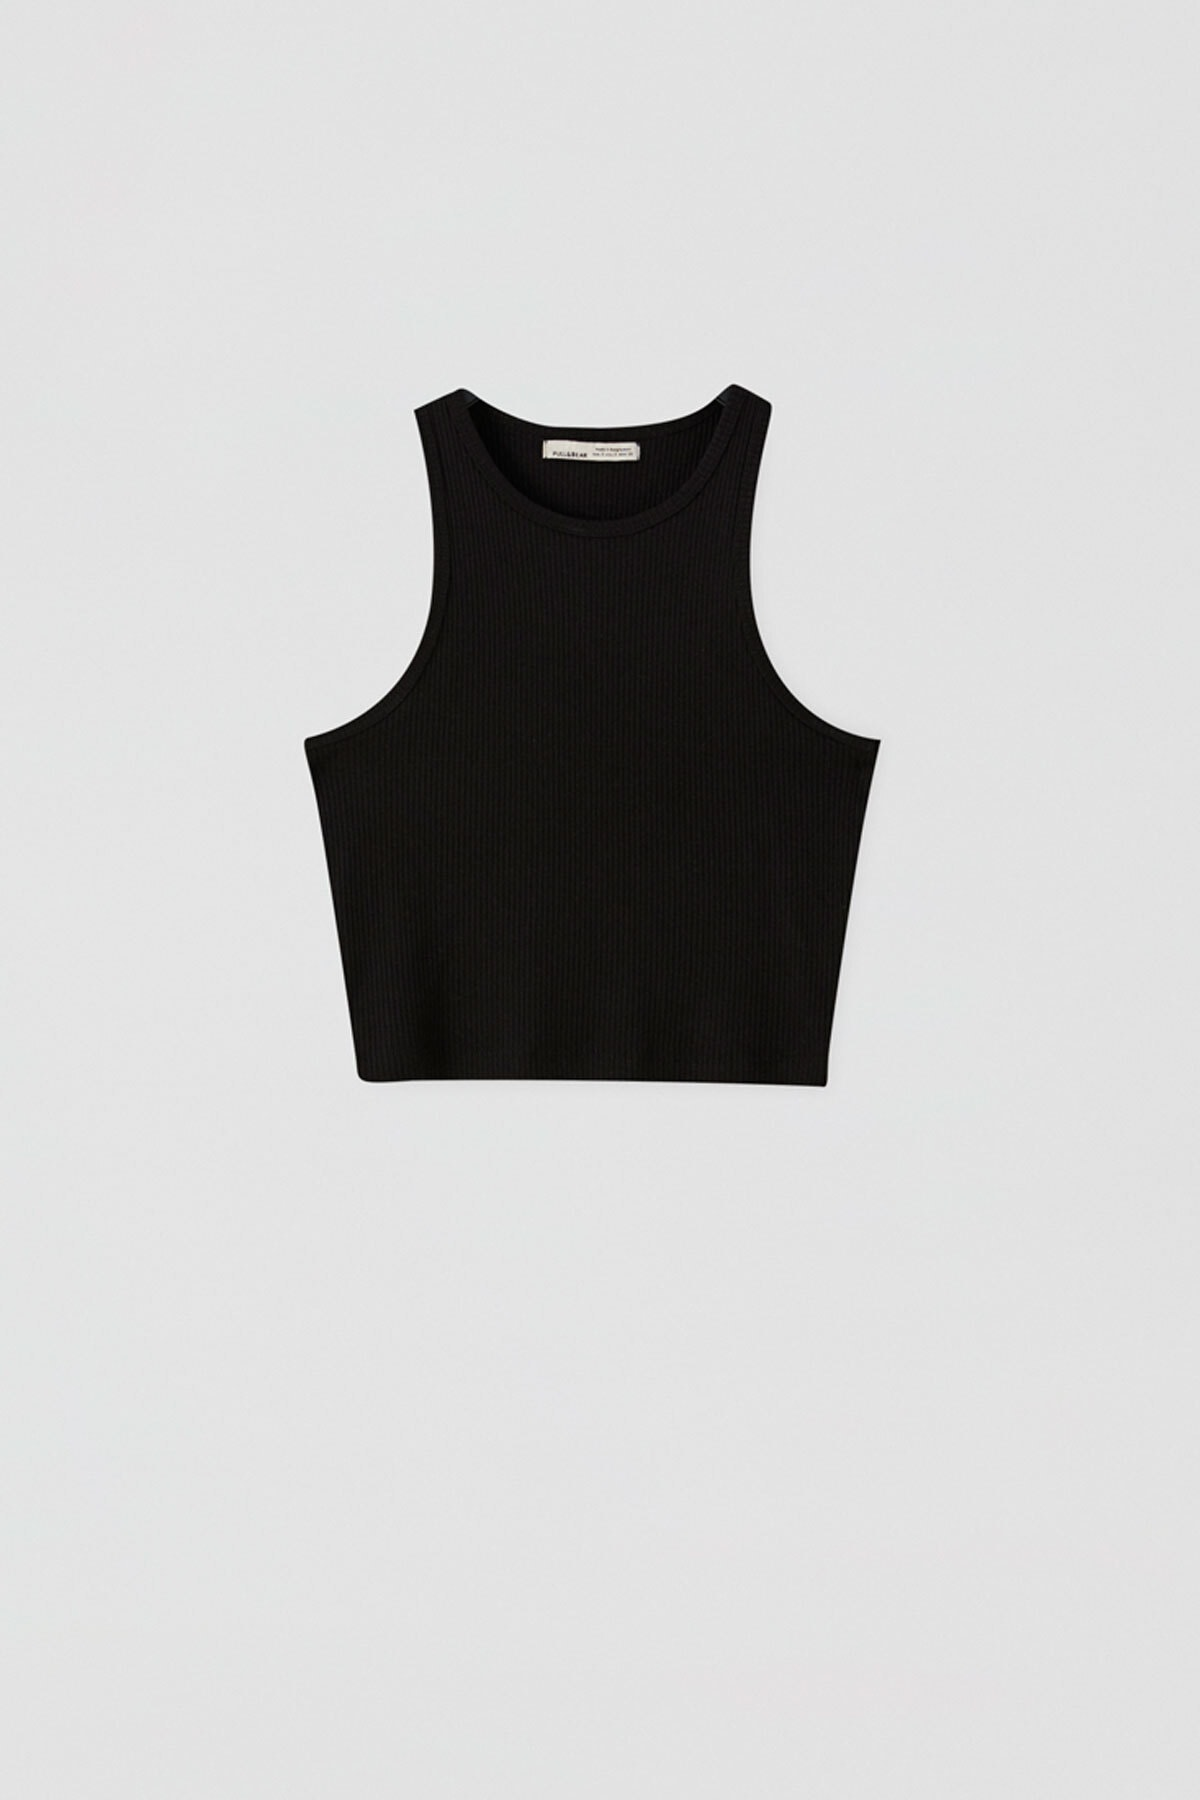 Pull & Bear Kadın Siyah Fitilli Kolsuz Crop Top 05236344 0